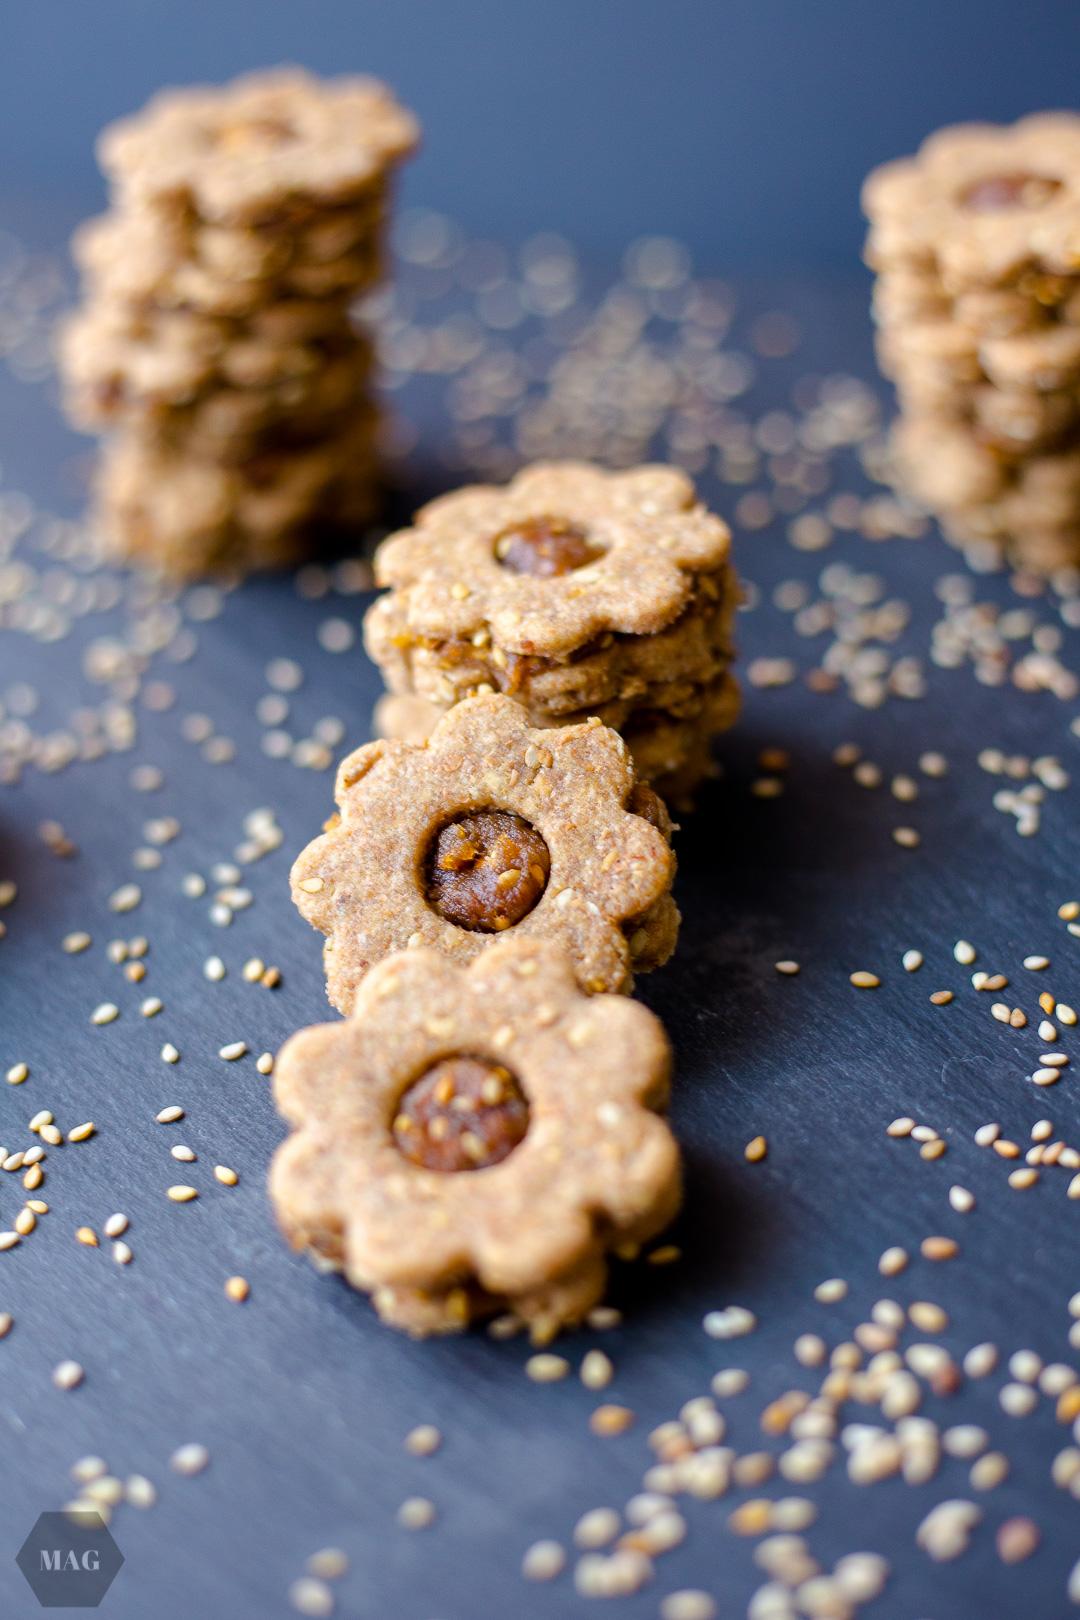 Dattel-Sesam-Kekse, Dattelbär, Datteln, Sesam, Kekse backen, Weihnachtsplätzchen vegan, Dattelkekse vegan, gefüllte Kekse vegan